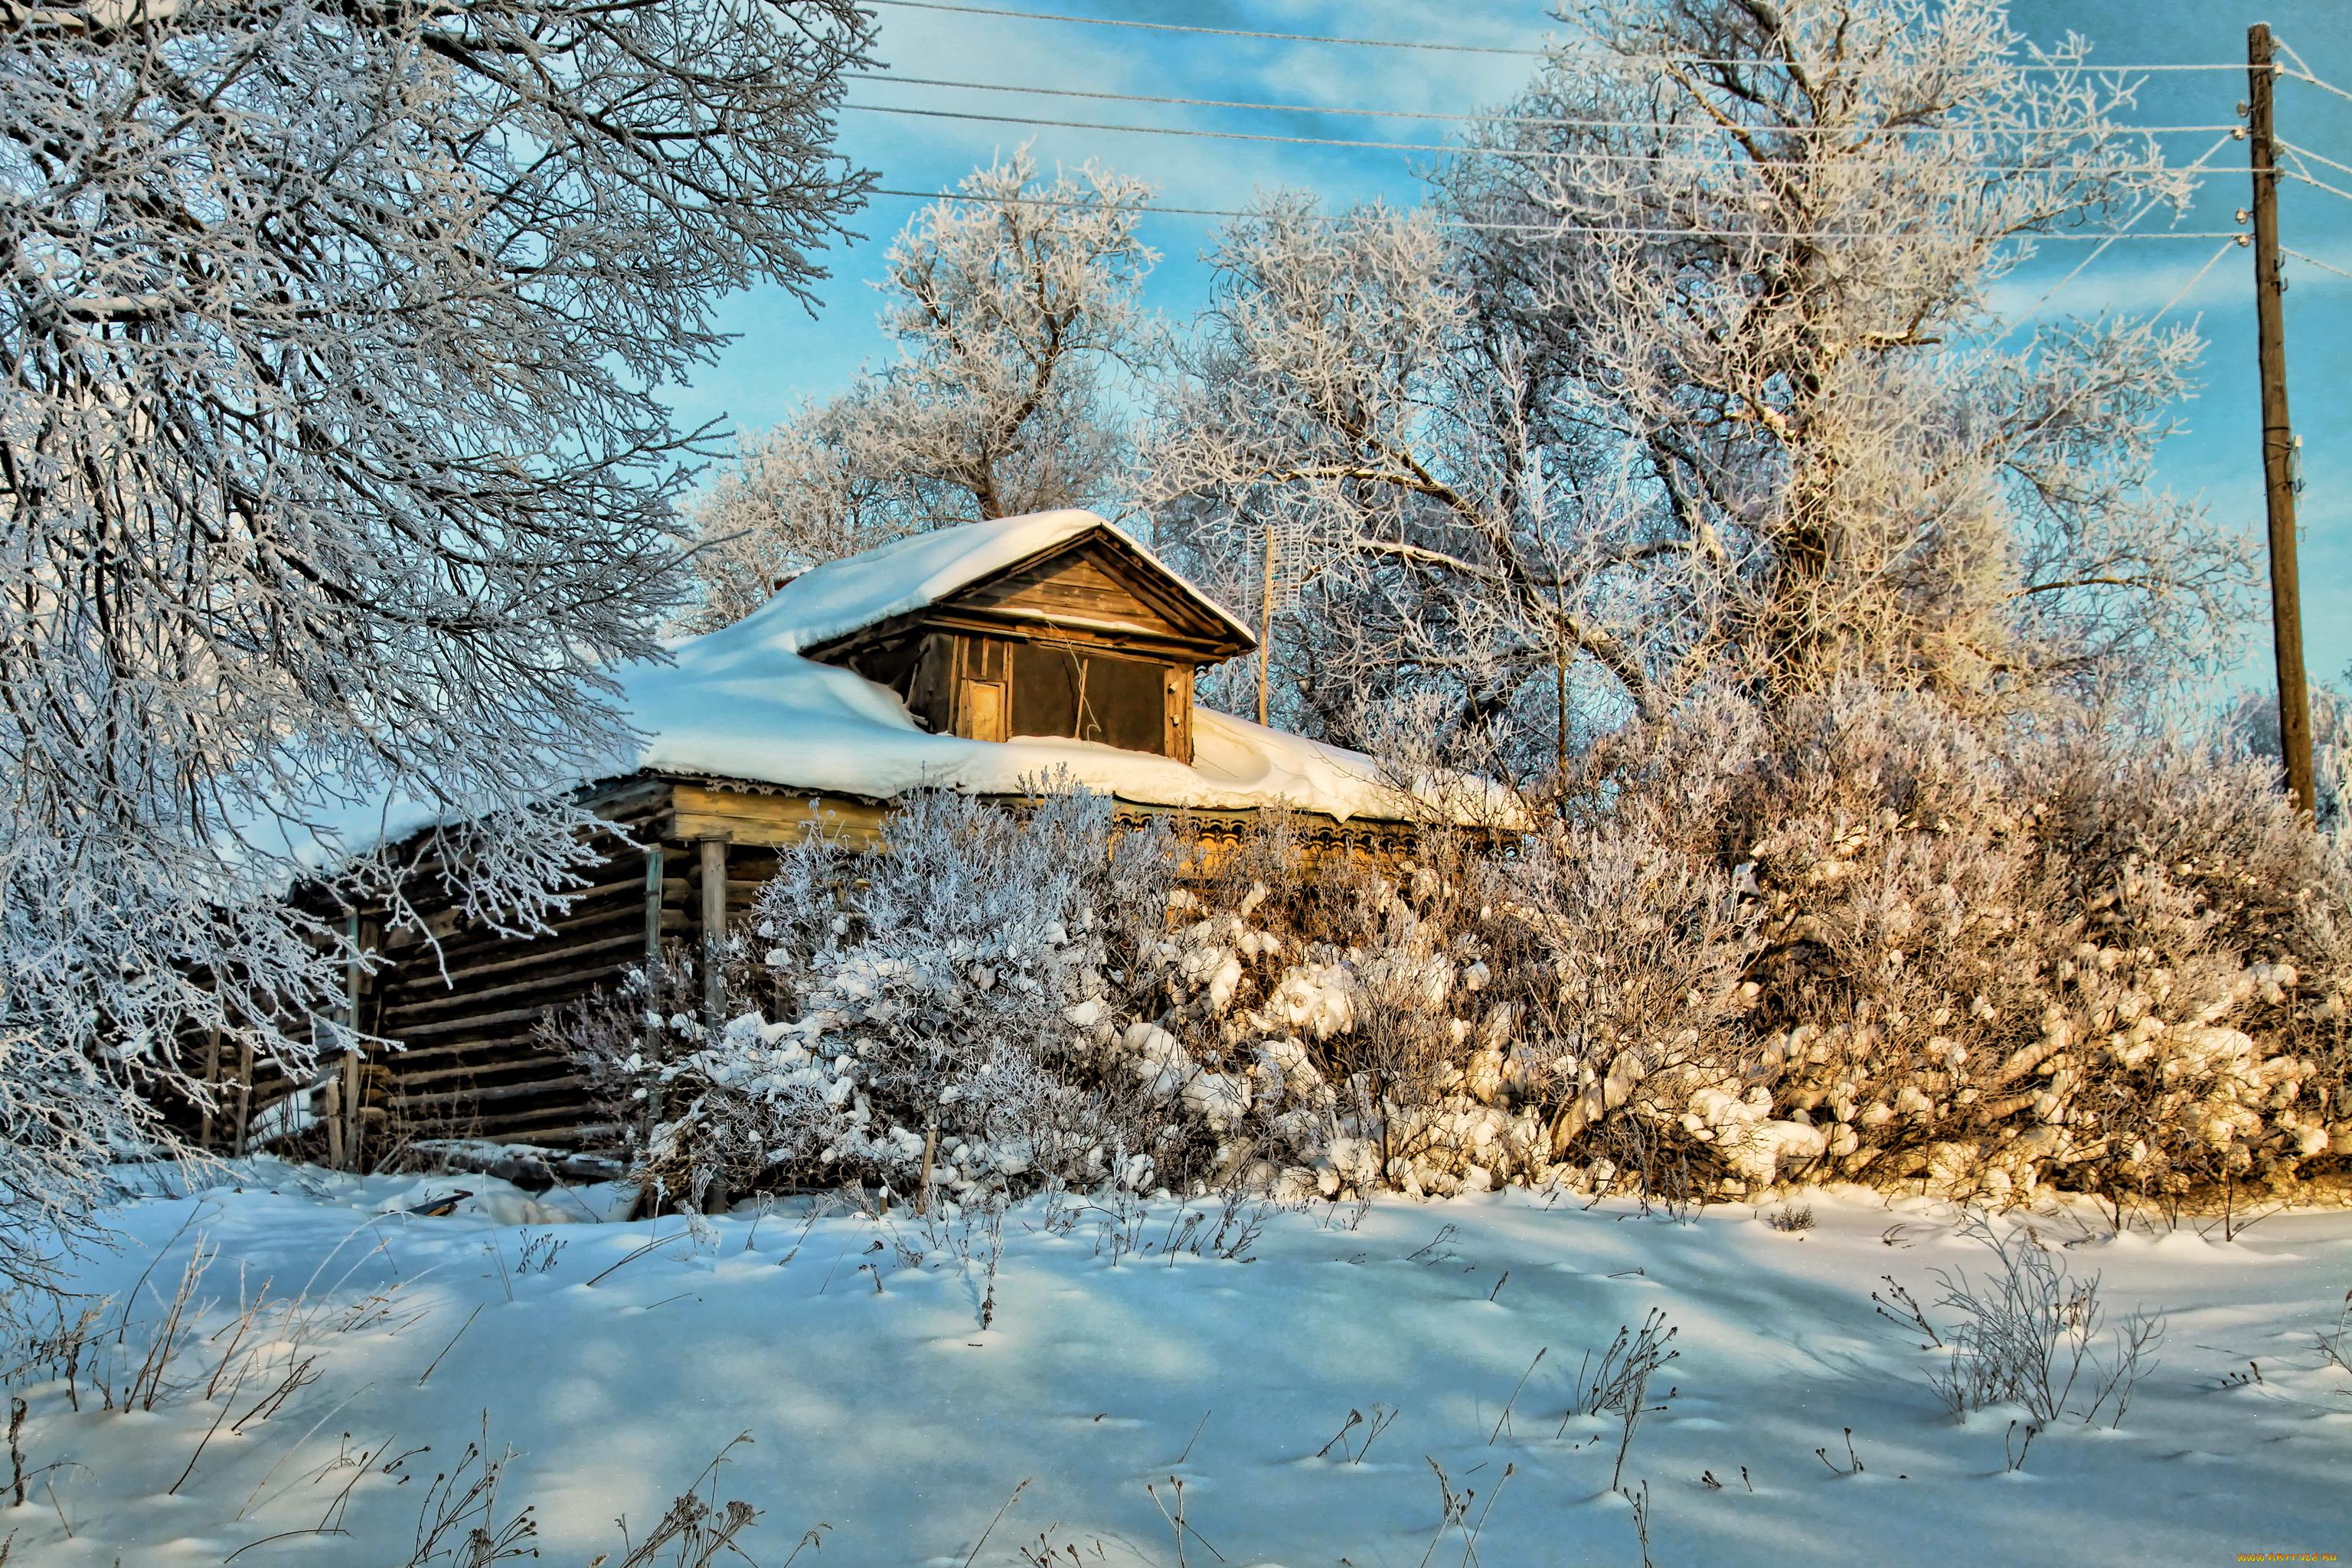 природа снег деревья дом nature snow trees the house бесплатно